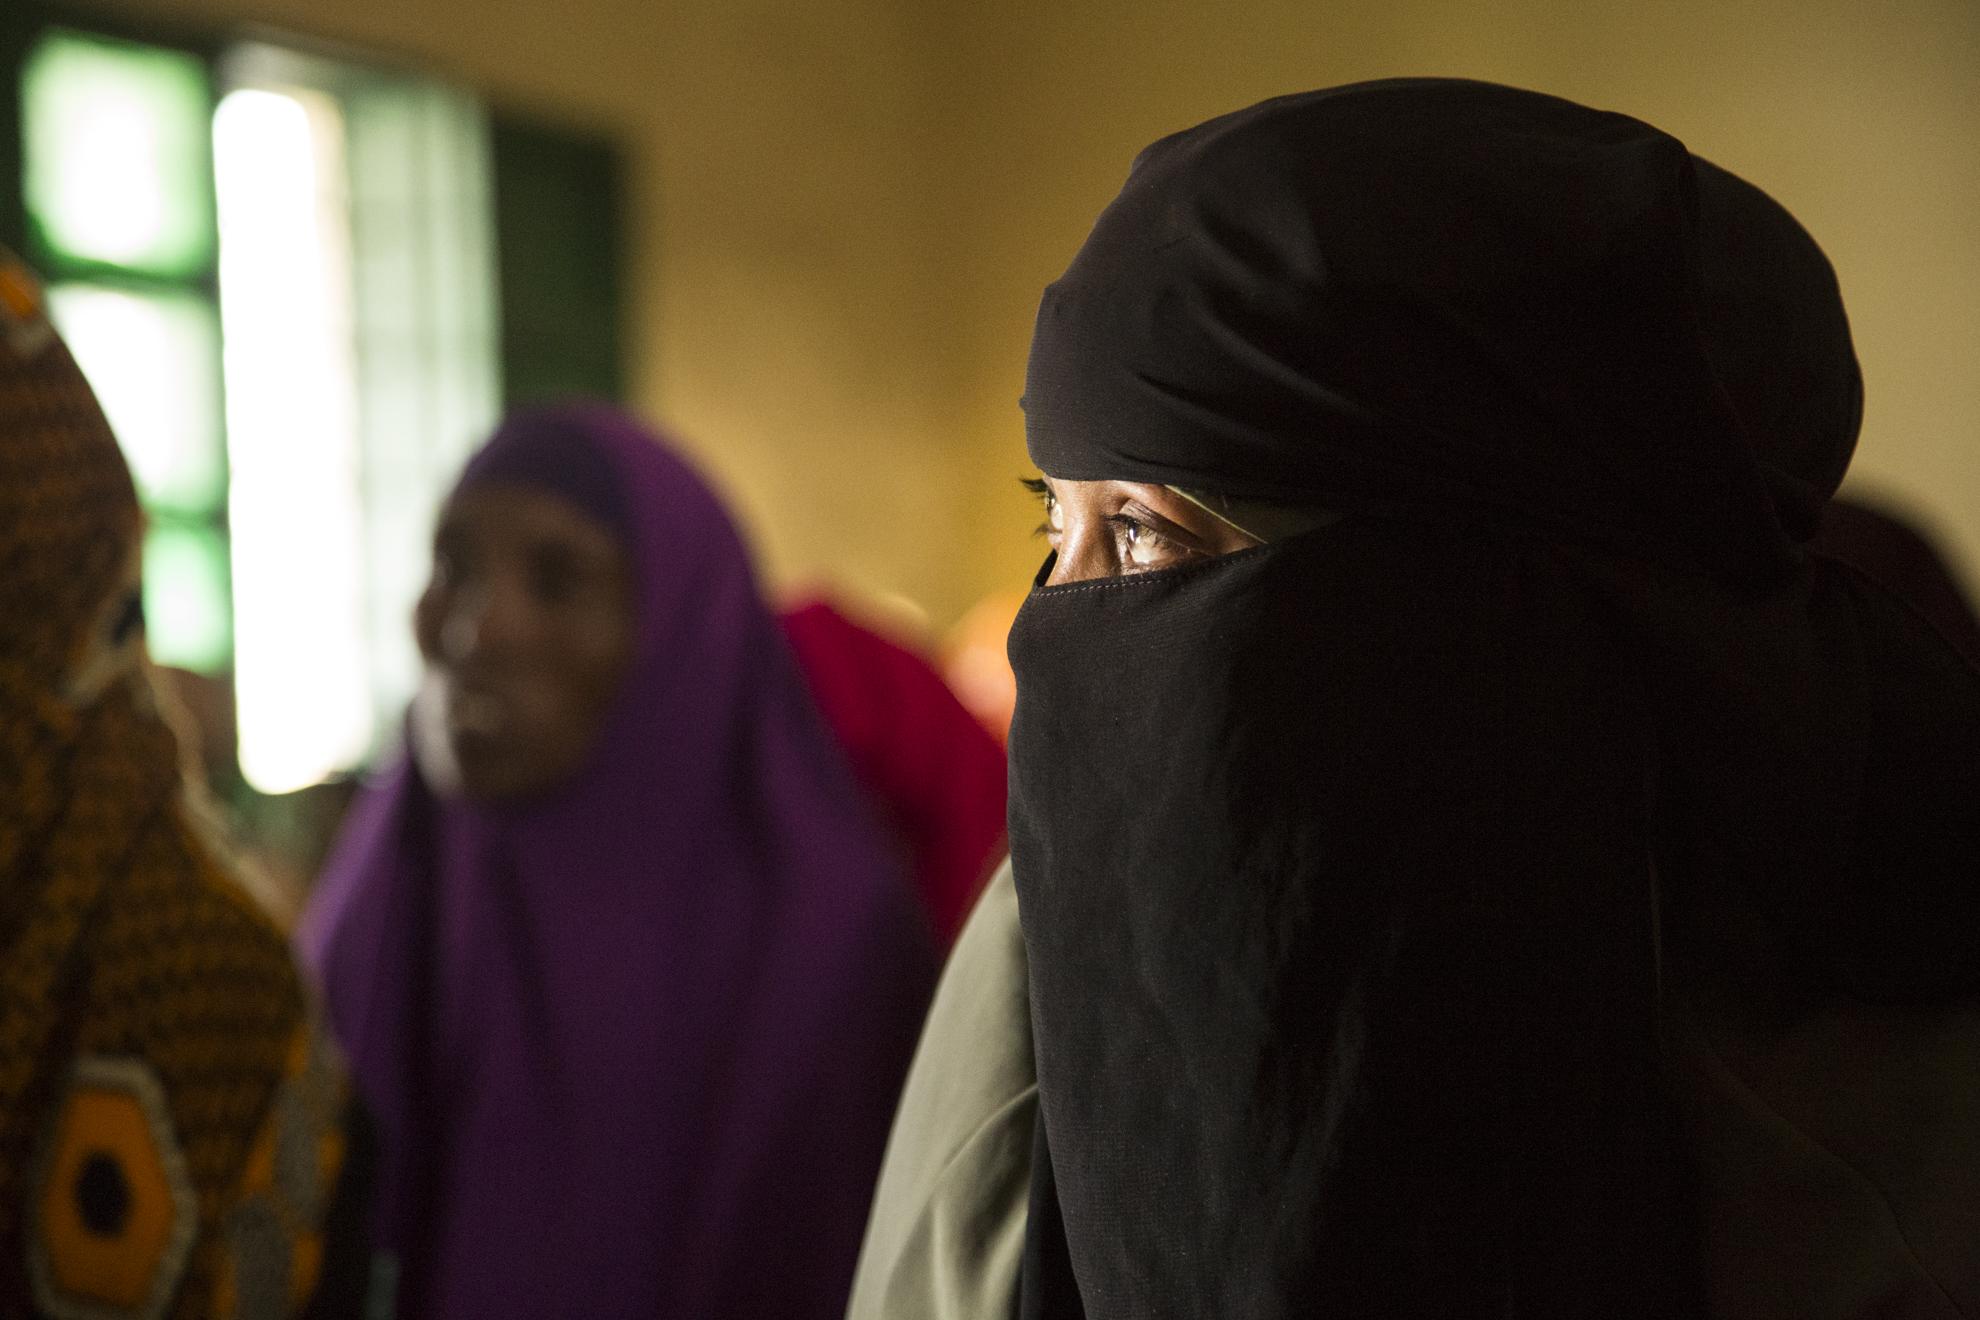 IPPF_Somaliland_ZFlood-7536_015.jpg